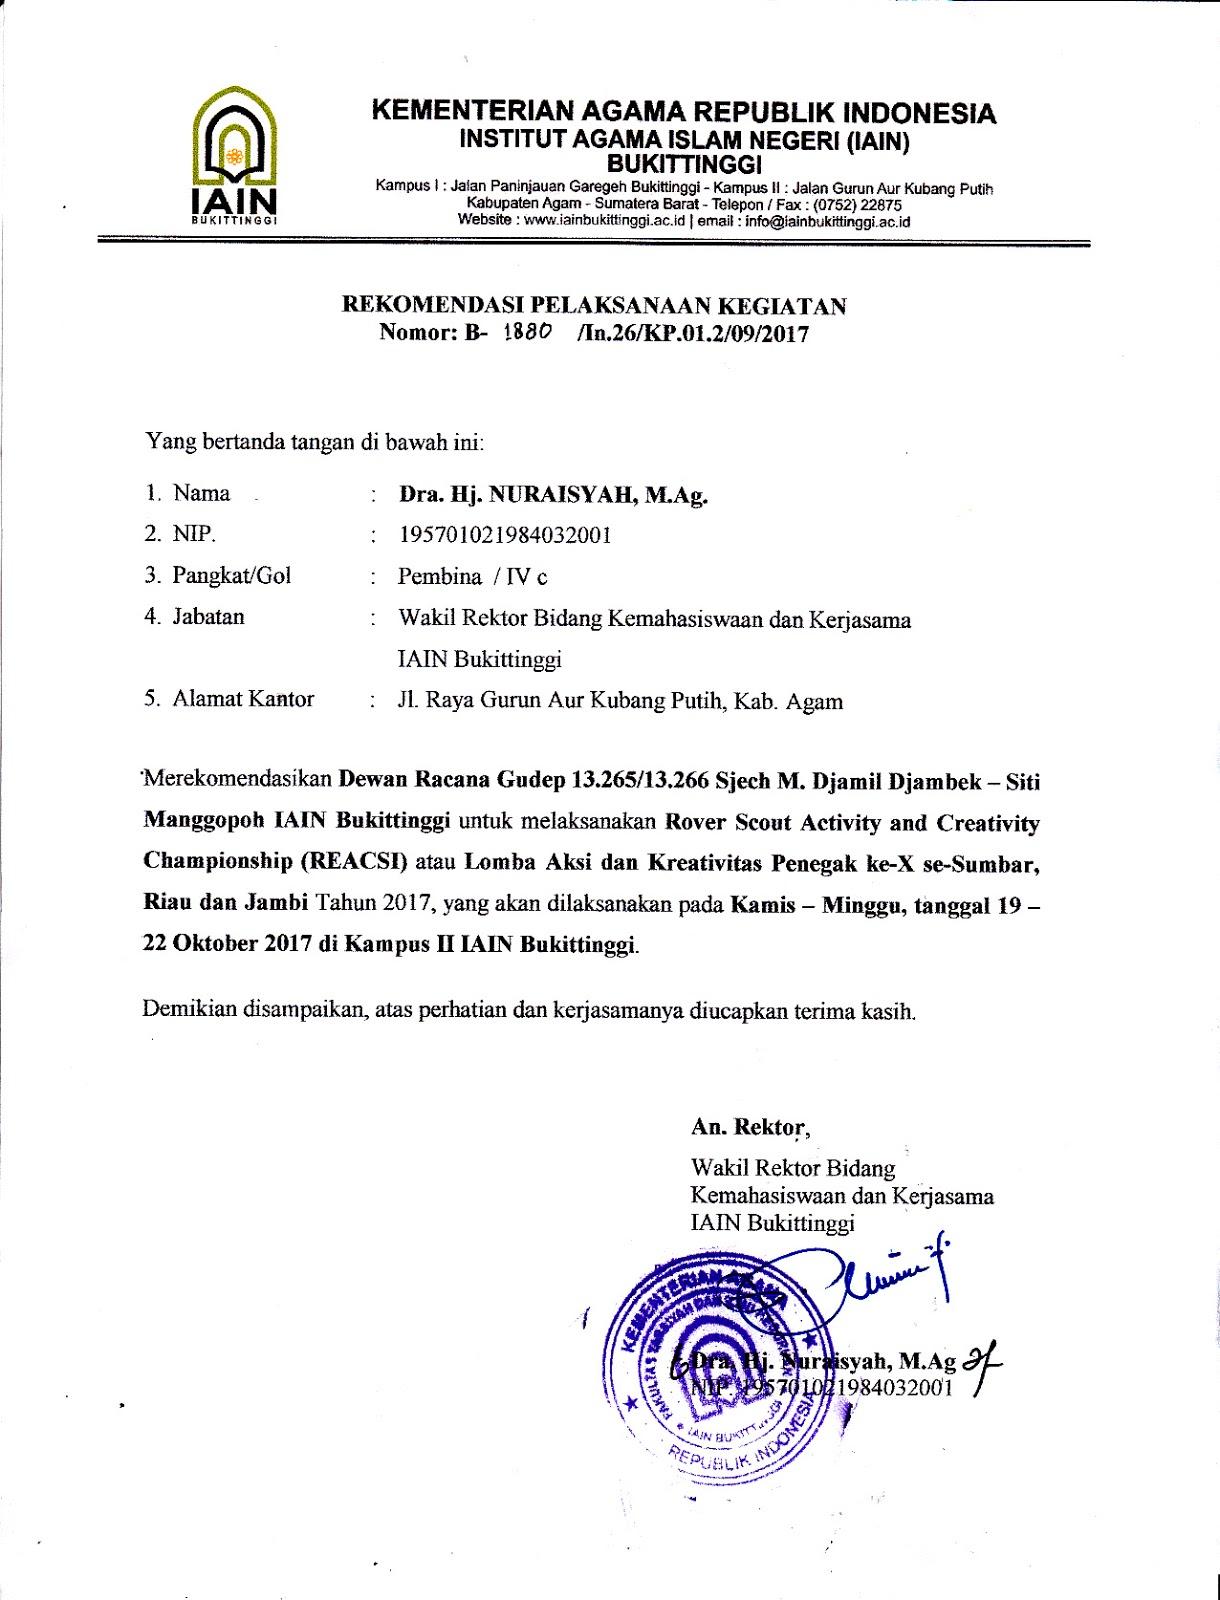 Surat Rekomendasi Pelaksanaan Kegiatan Reacsi X Racana Iain Bukitinggi